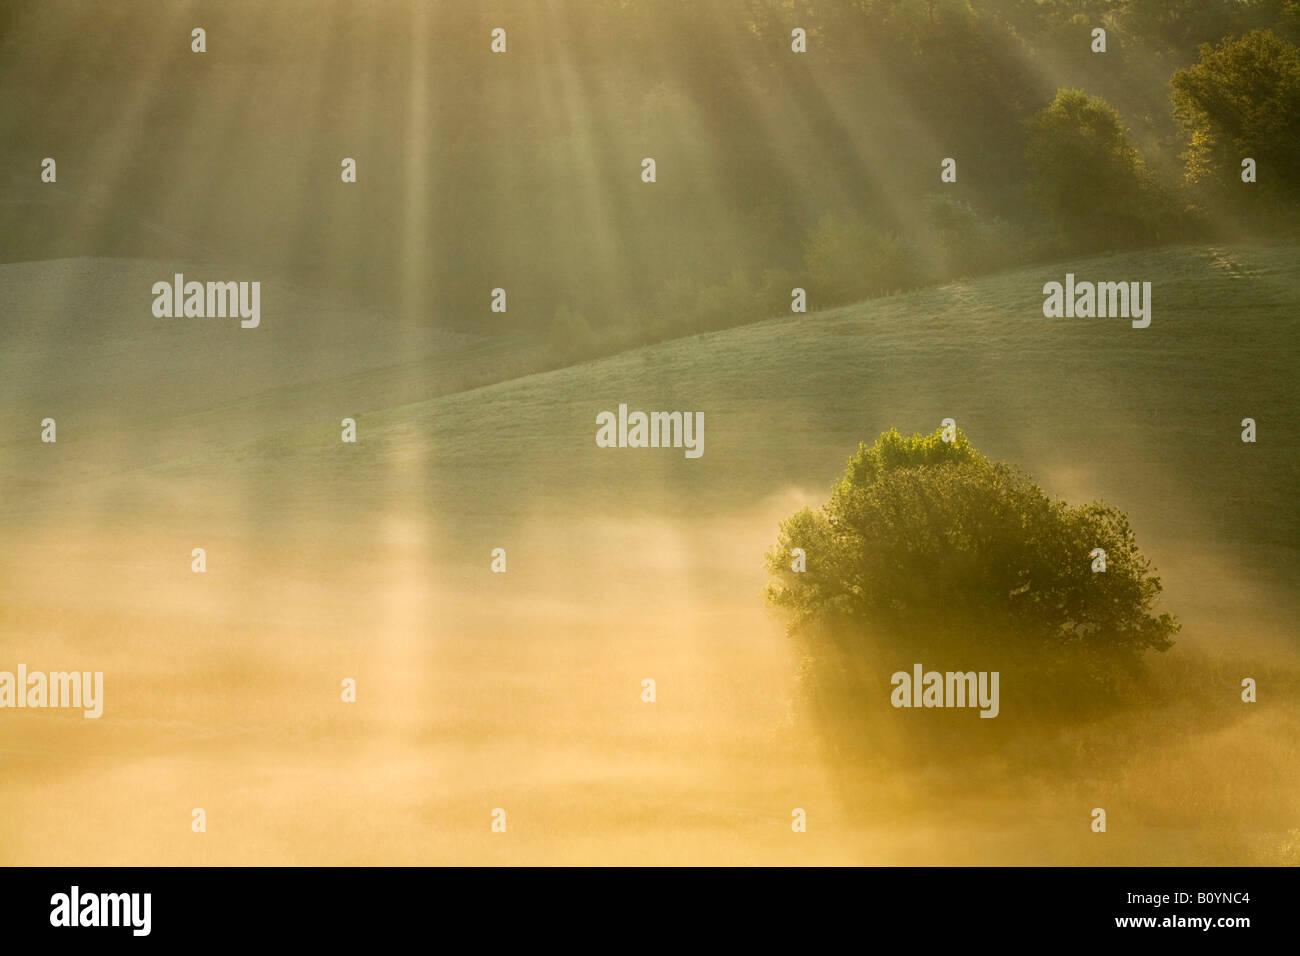 Italy, Tuscany, Tree in morning mist - Stock Image